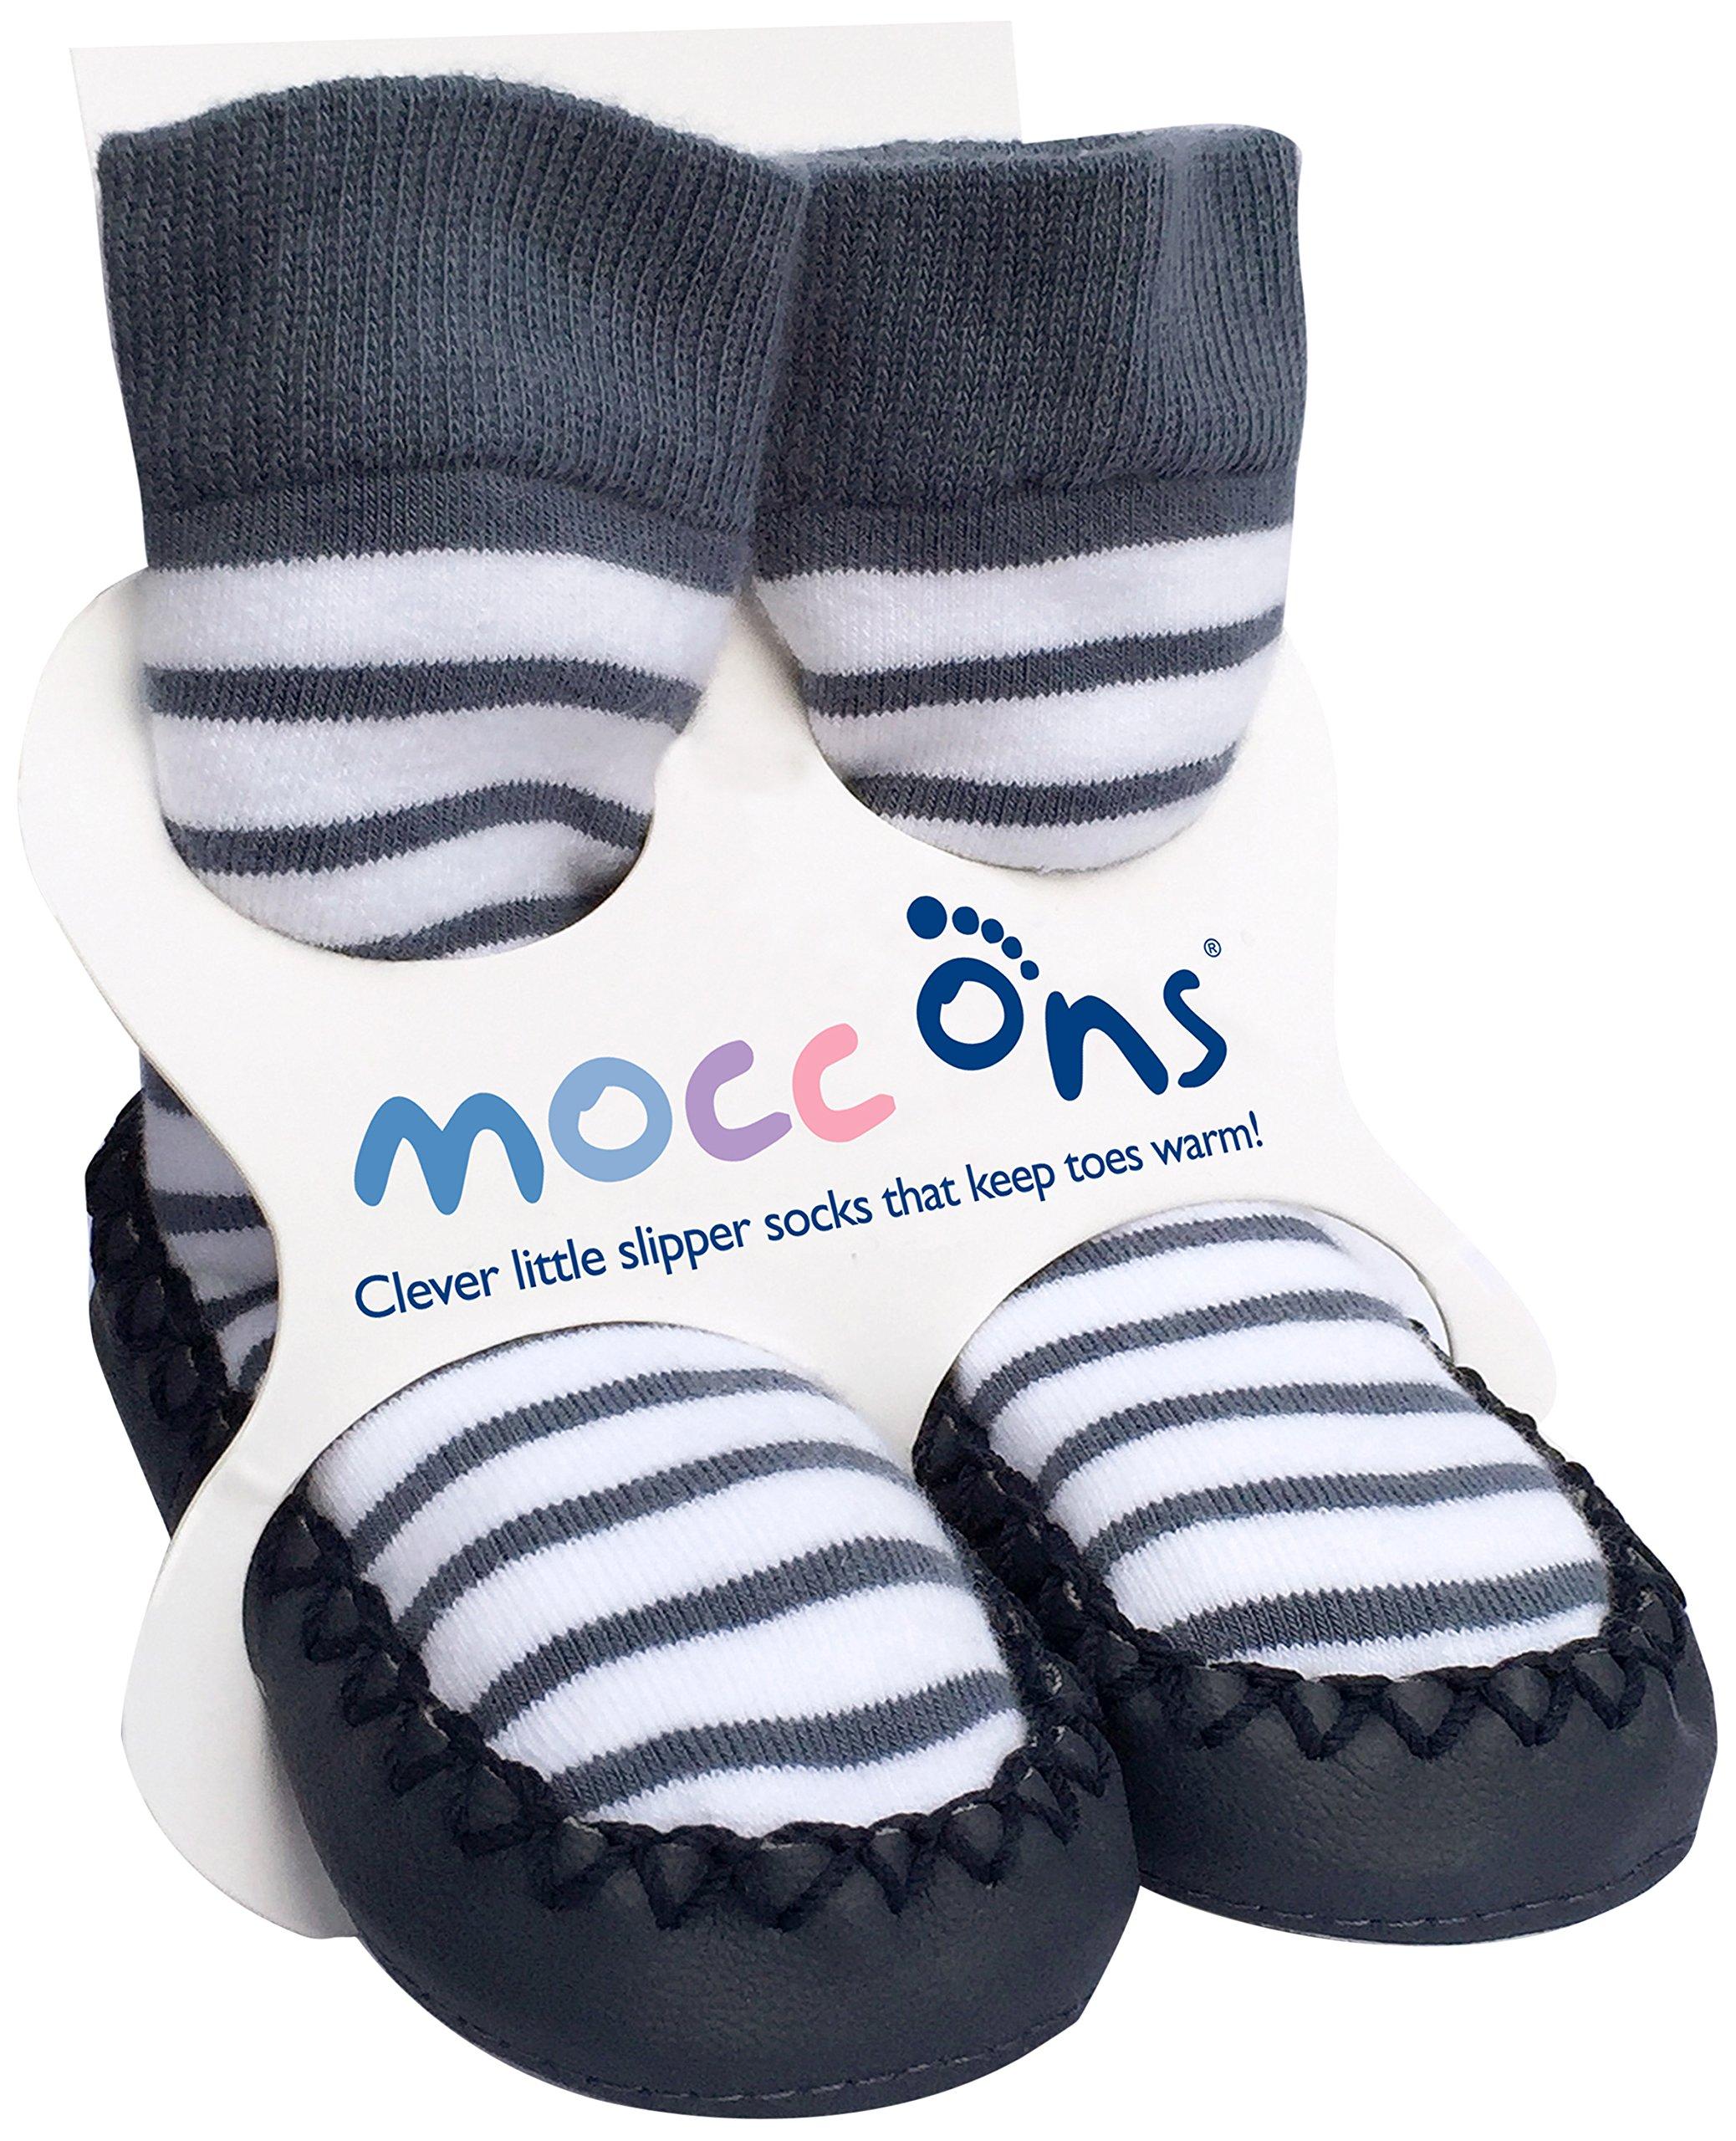 Handmade in the UK. Kids Handknitted Slipper Socks Kids Size 11-12.5